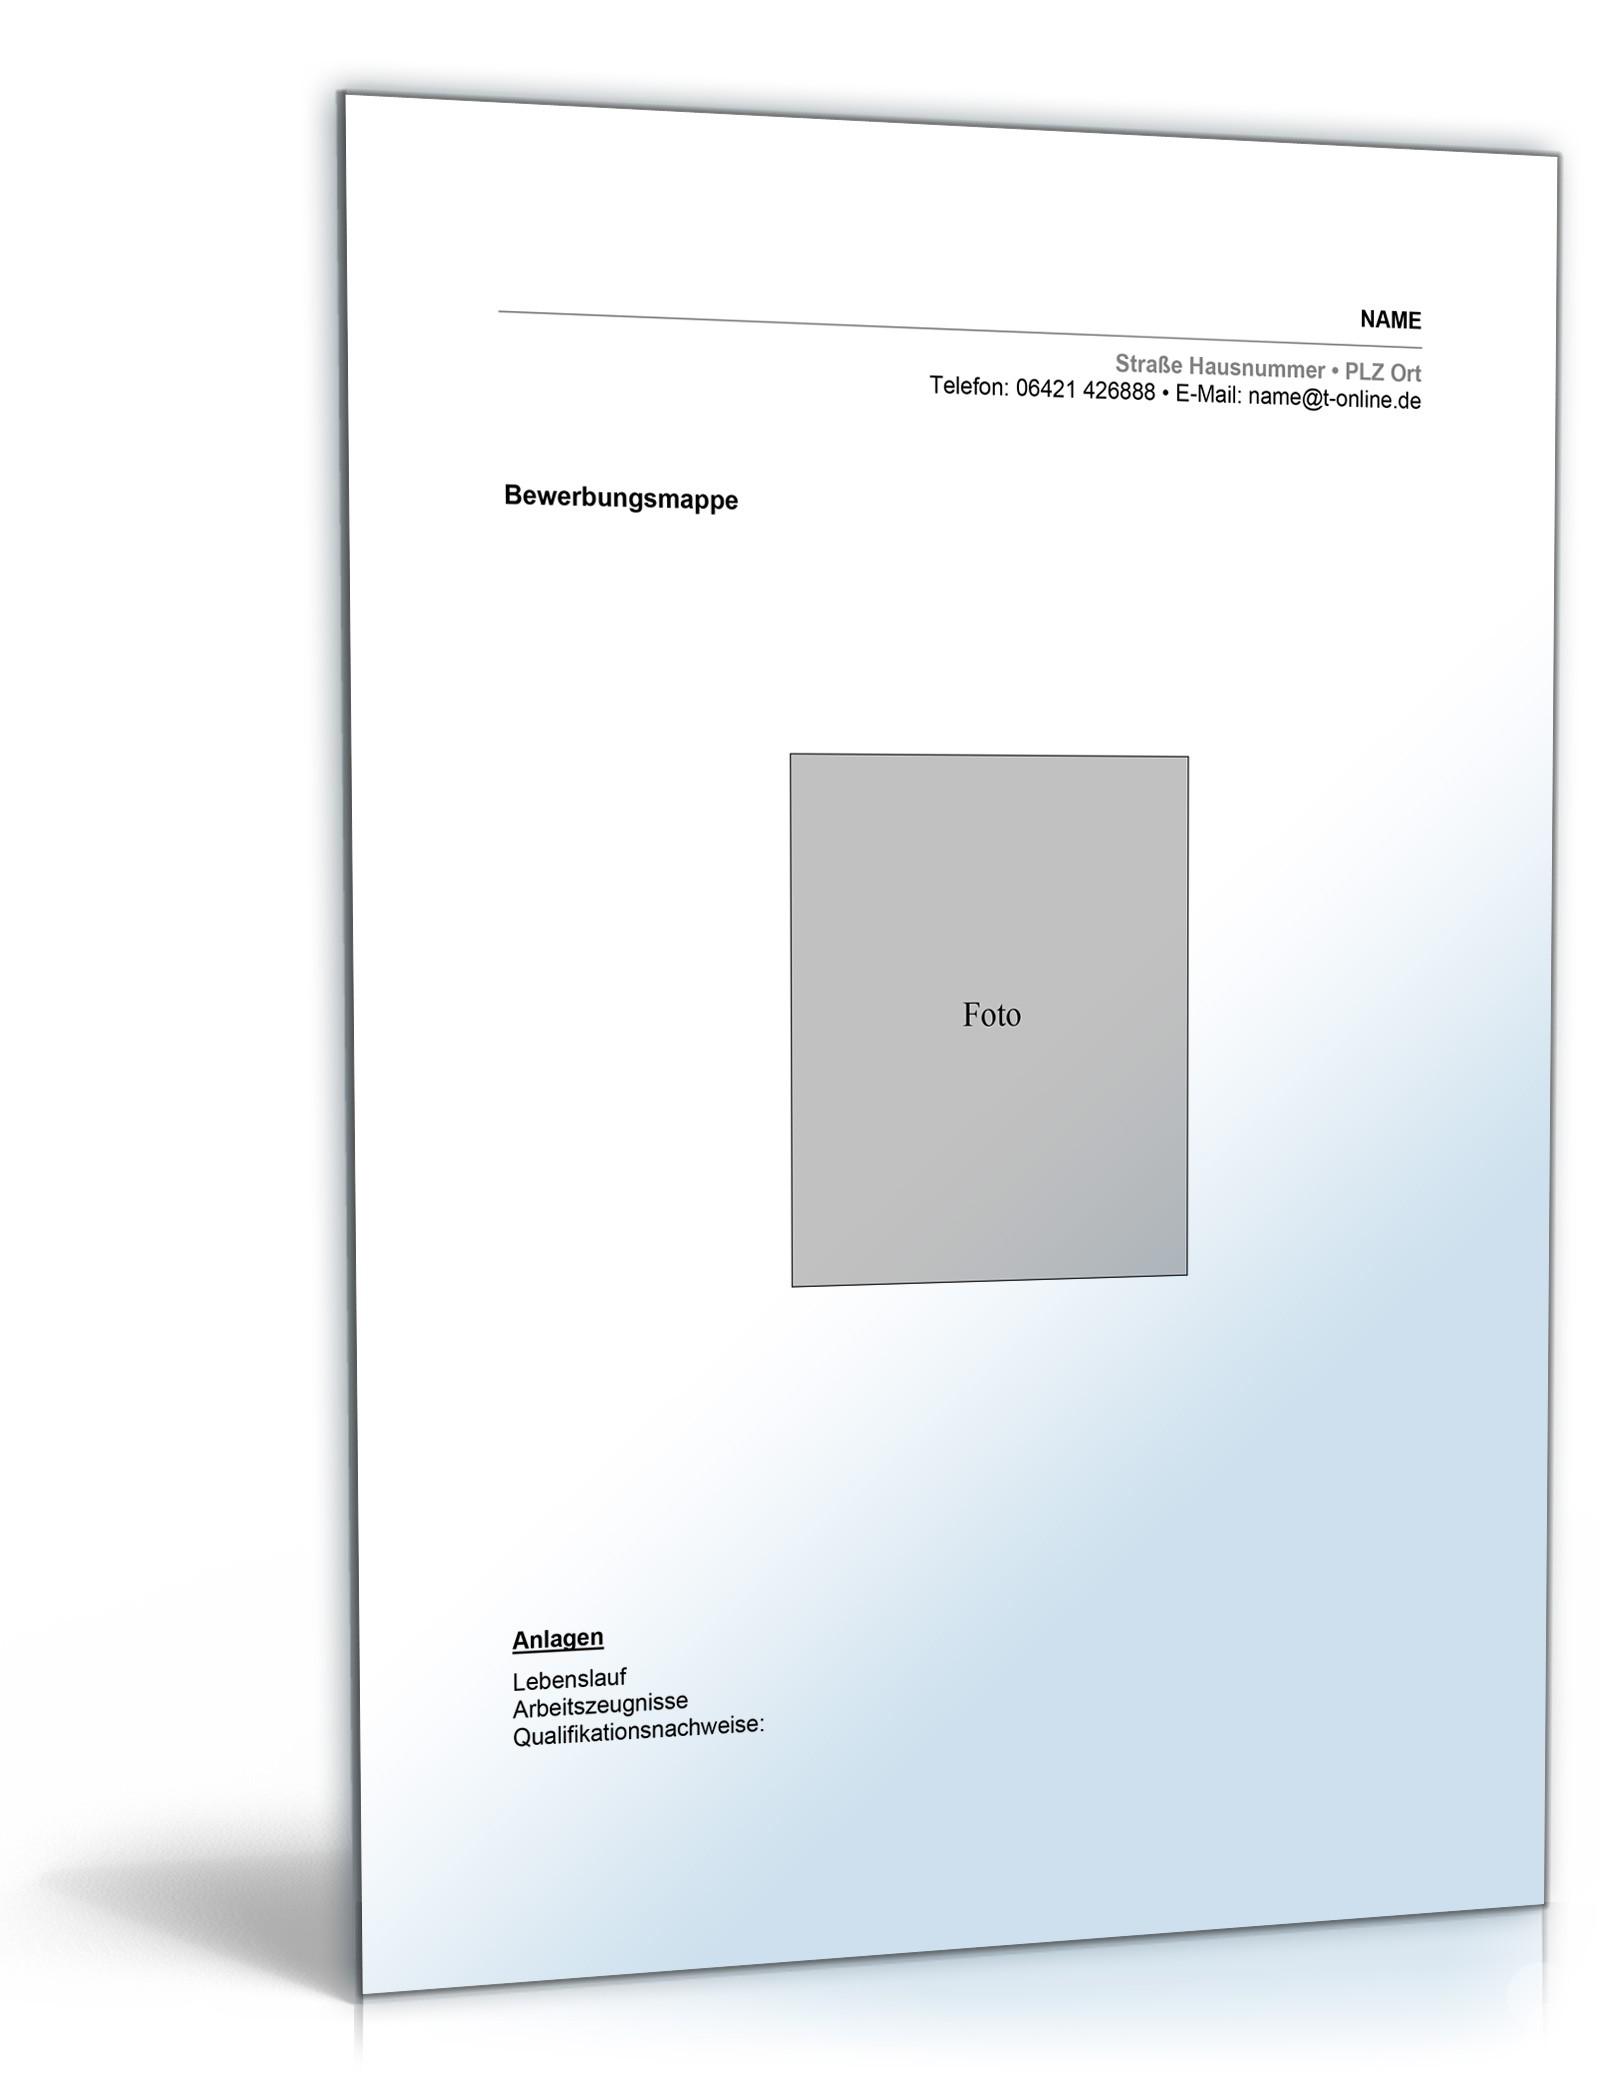 Schön Tv Reporter Lebenslauf Bänder Fotos - Entry Level Resume ...